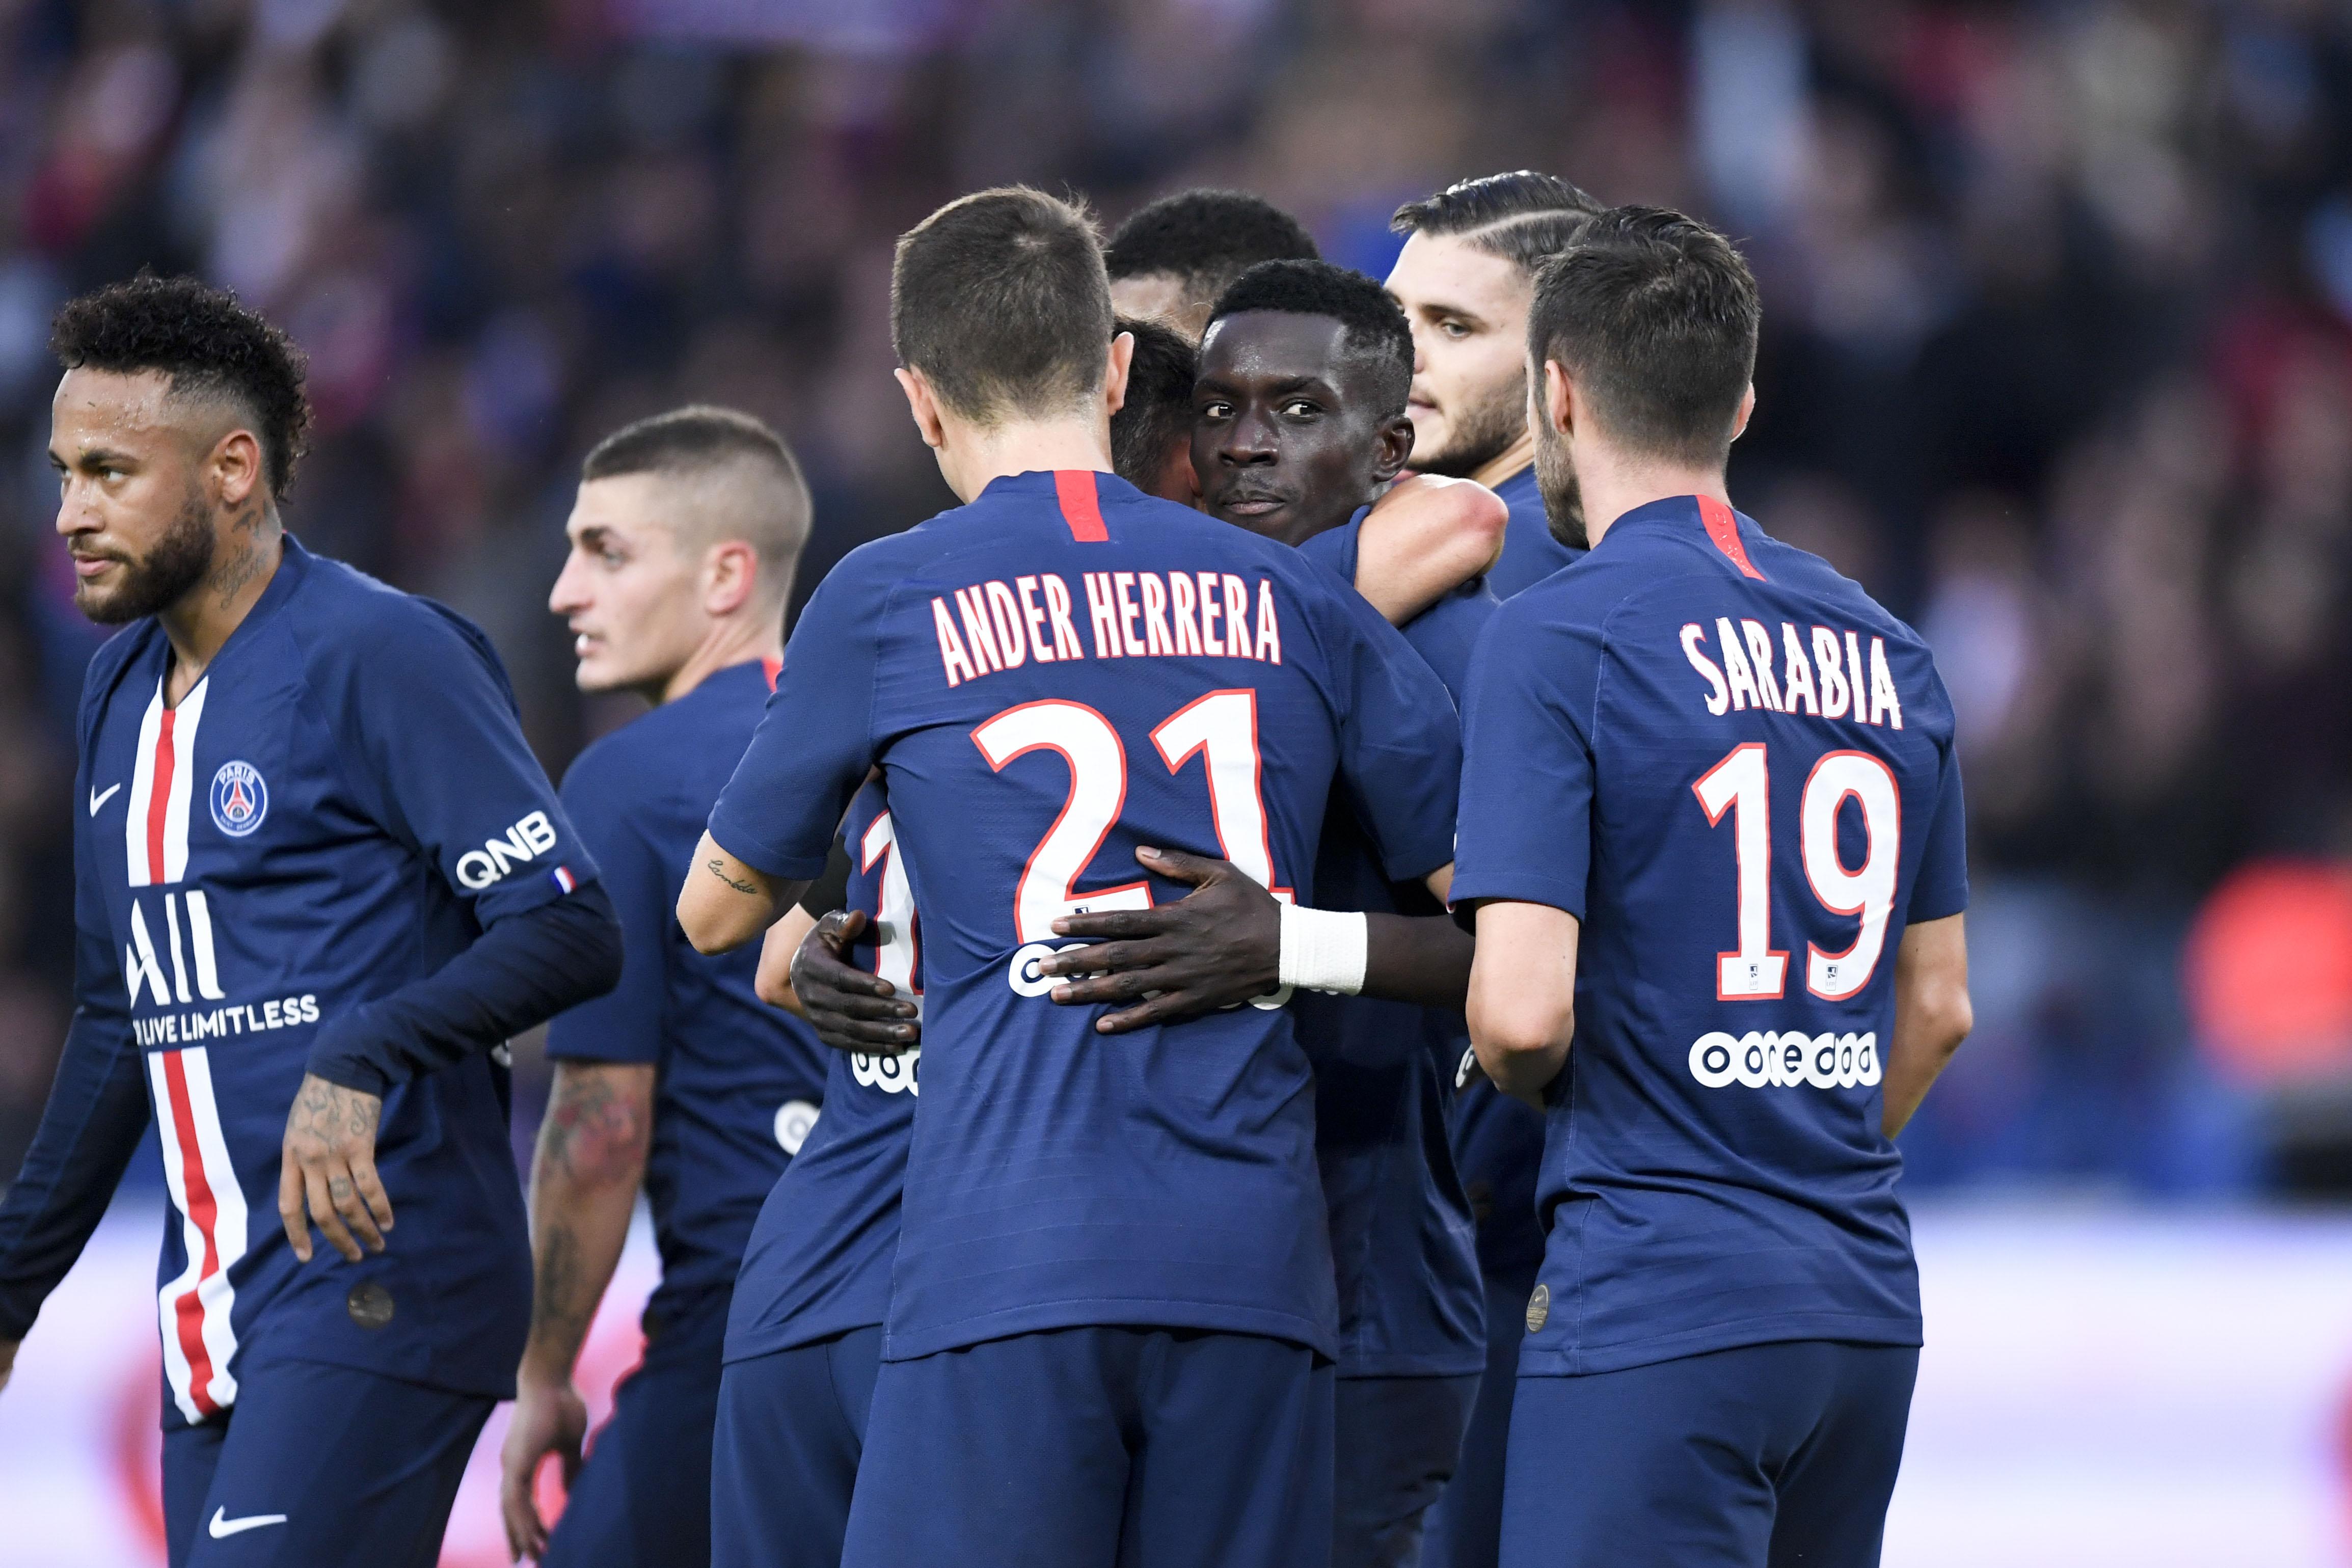 Football - Ligue 1 - PSG : Gueye, Sarabia, Icardi... Bonnes pioches !